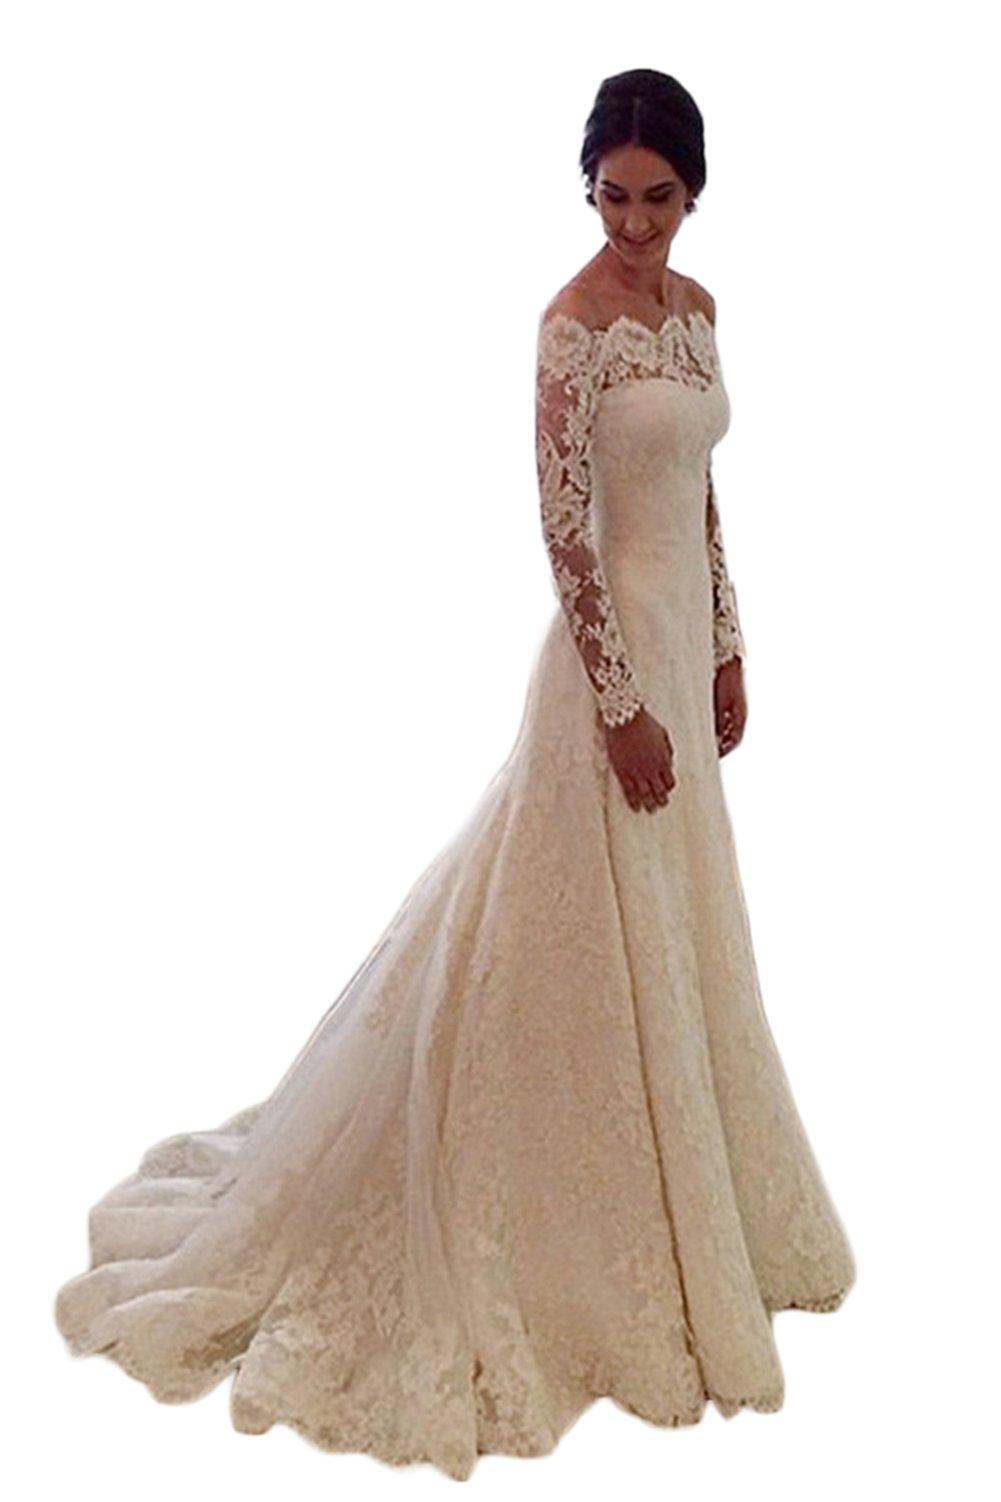 Mathena Women's Long Sleeve Off Shoulder Lace Long Mermaid Bride Wedding Dress US 14 Ivory by Mathena